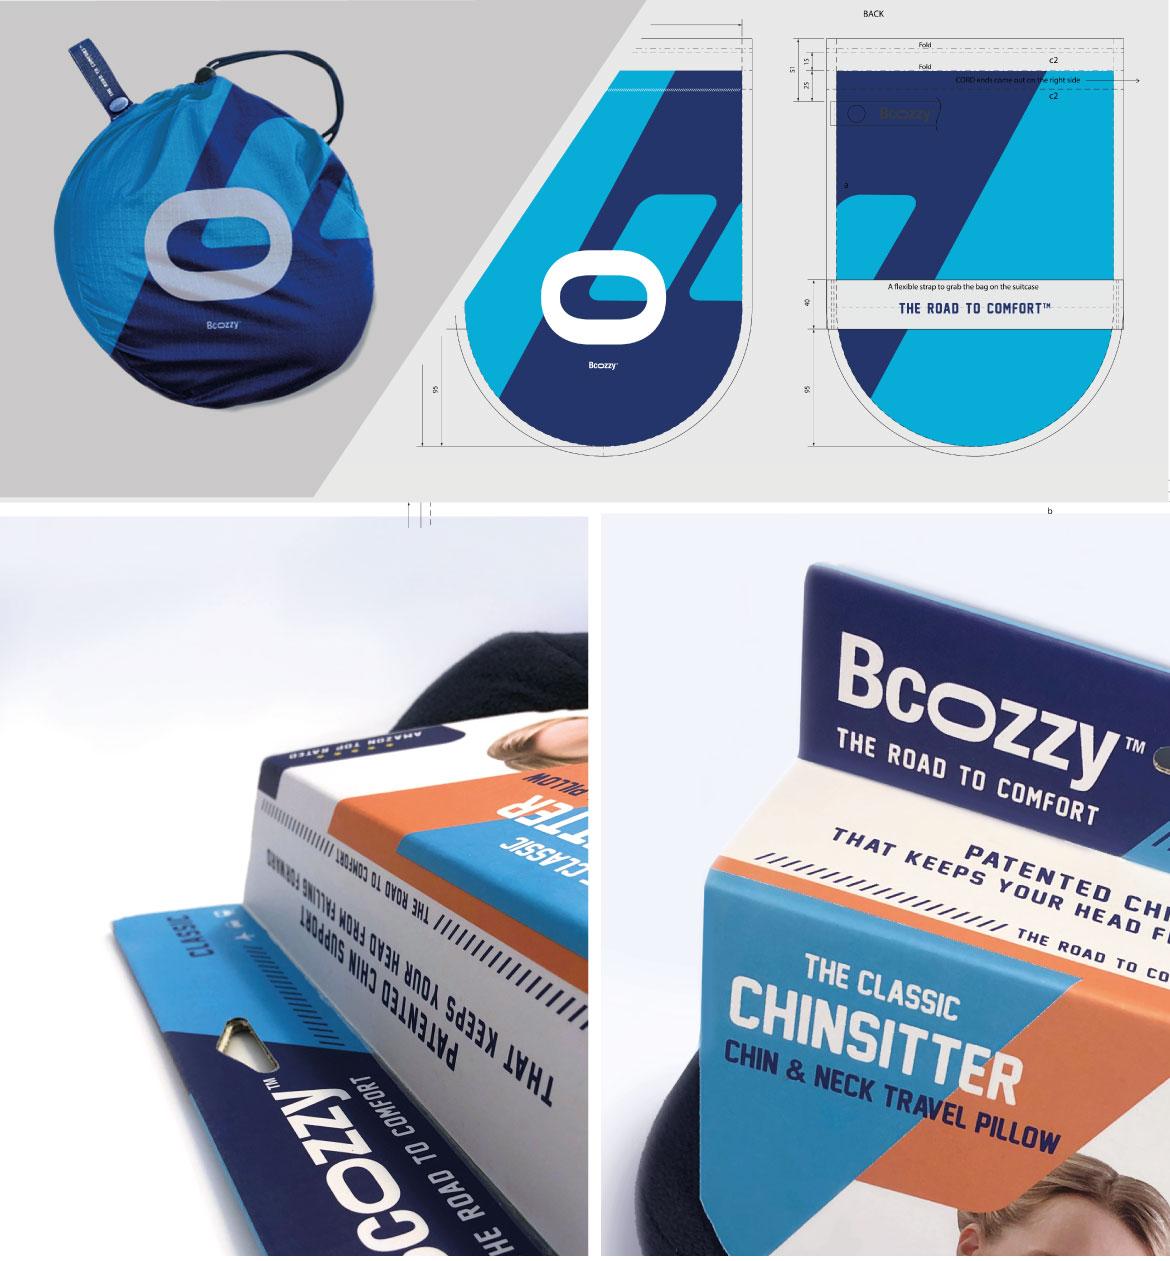 NFH_Bcozzy_Brand_Amazon